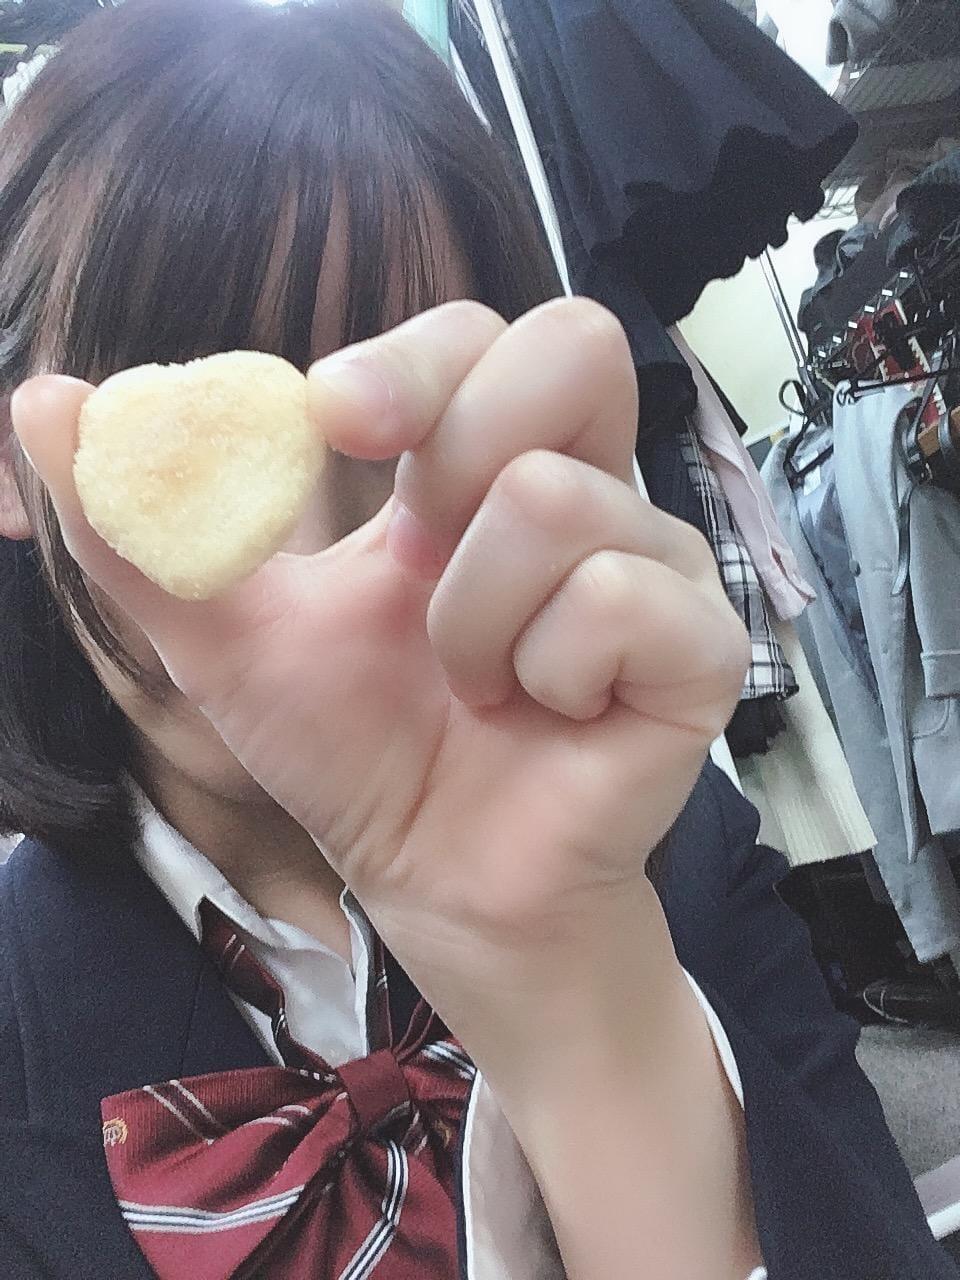 「こんにちわ」11/17(11/17) 17:24 | かなの写メ・風俗動画